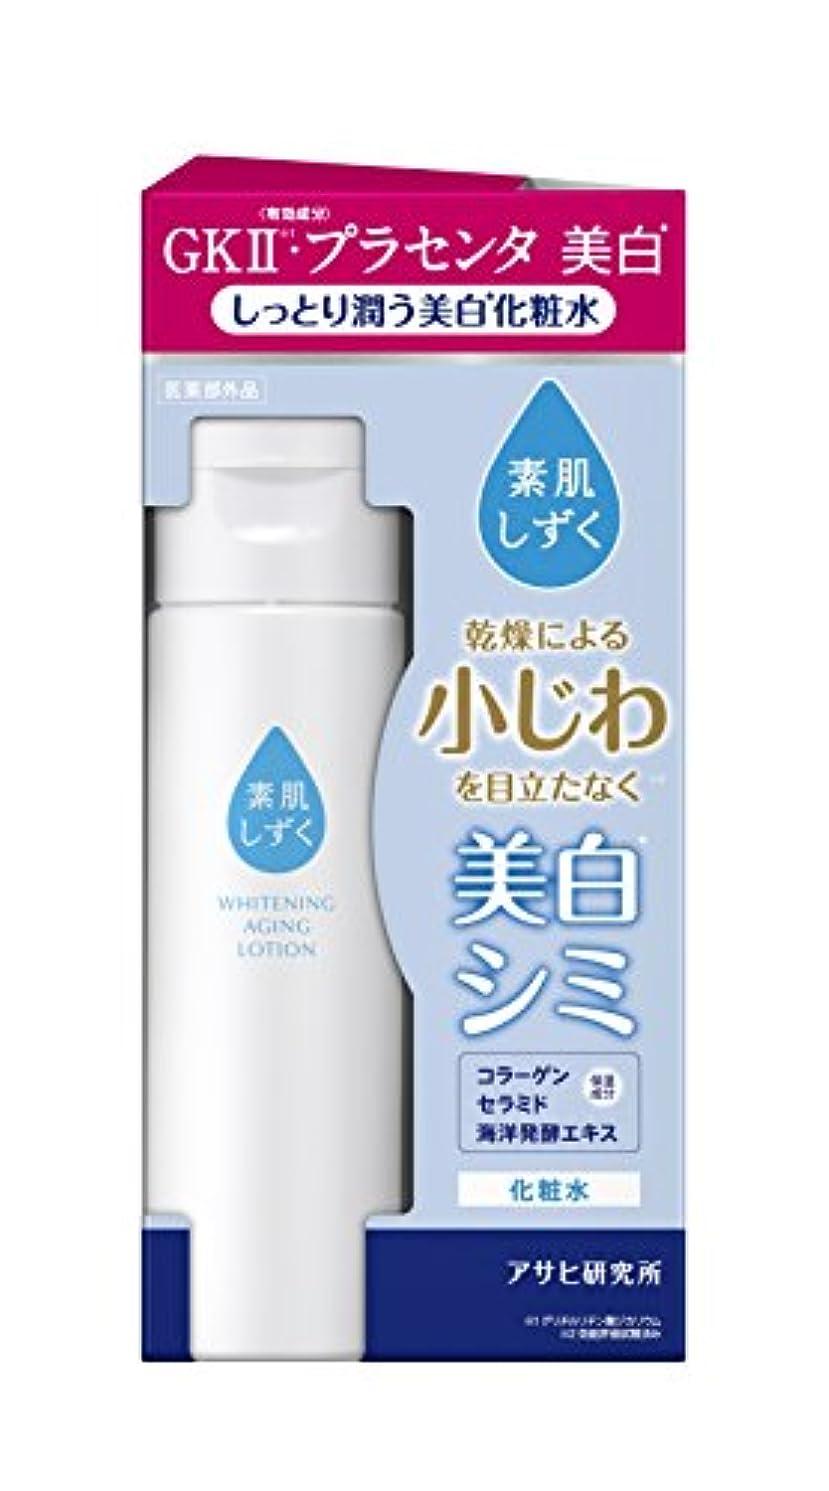 スロー毎月ジョージハンブリー【医薬部外品】素肌しずく しっとり潤う美白化粧水 170ml